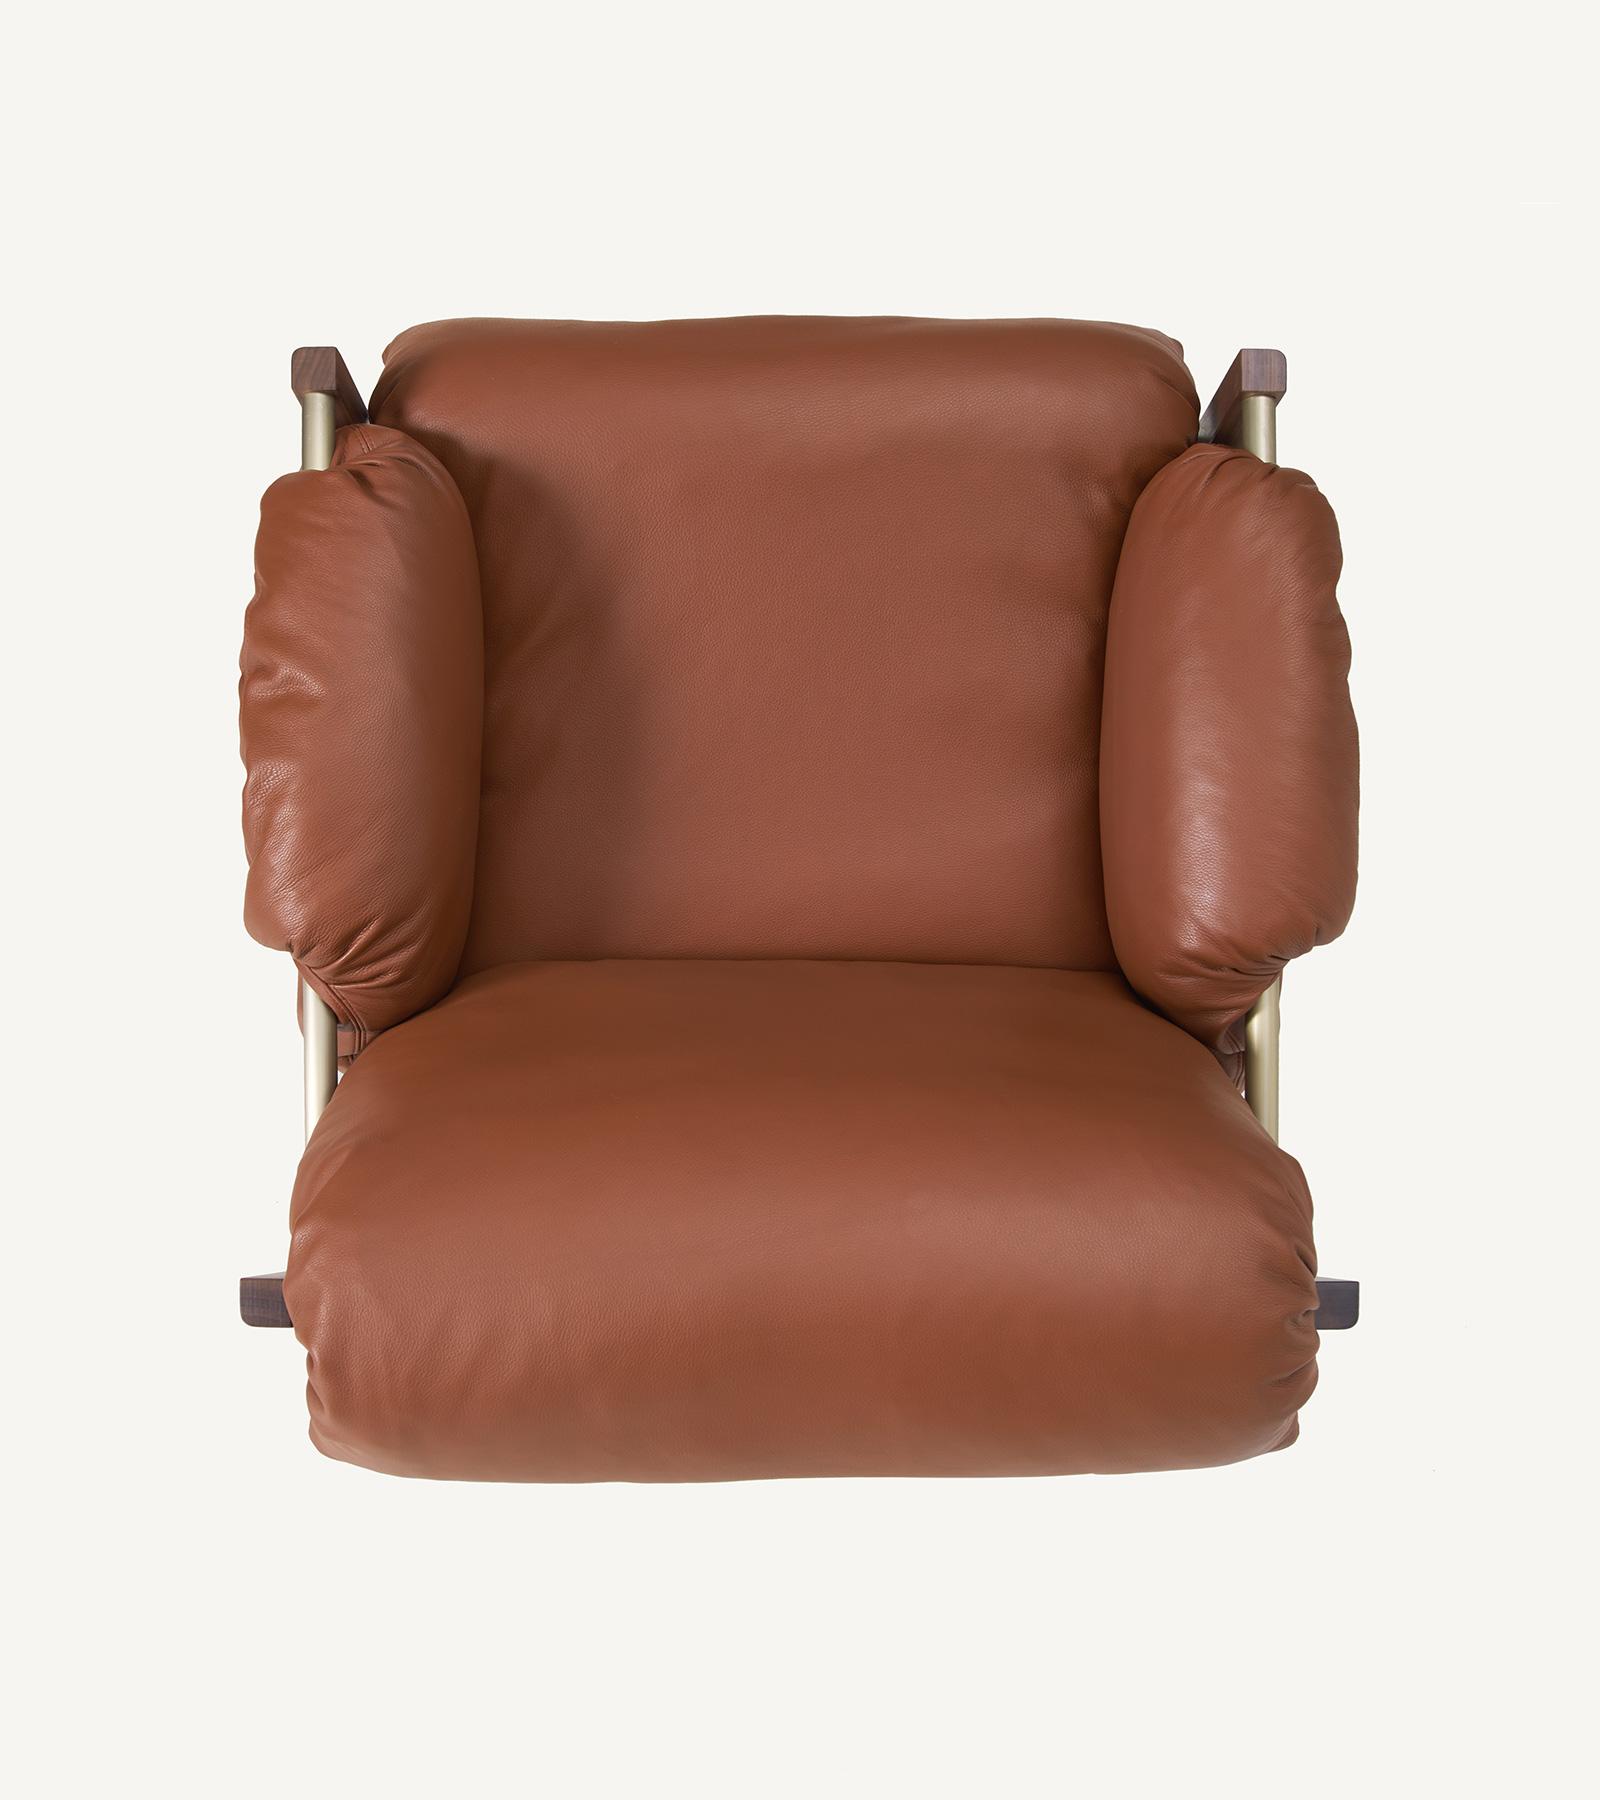 TinnappleMetz-bassamfellows-Sling-Club-Chair-05